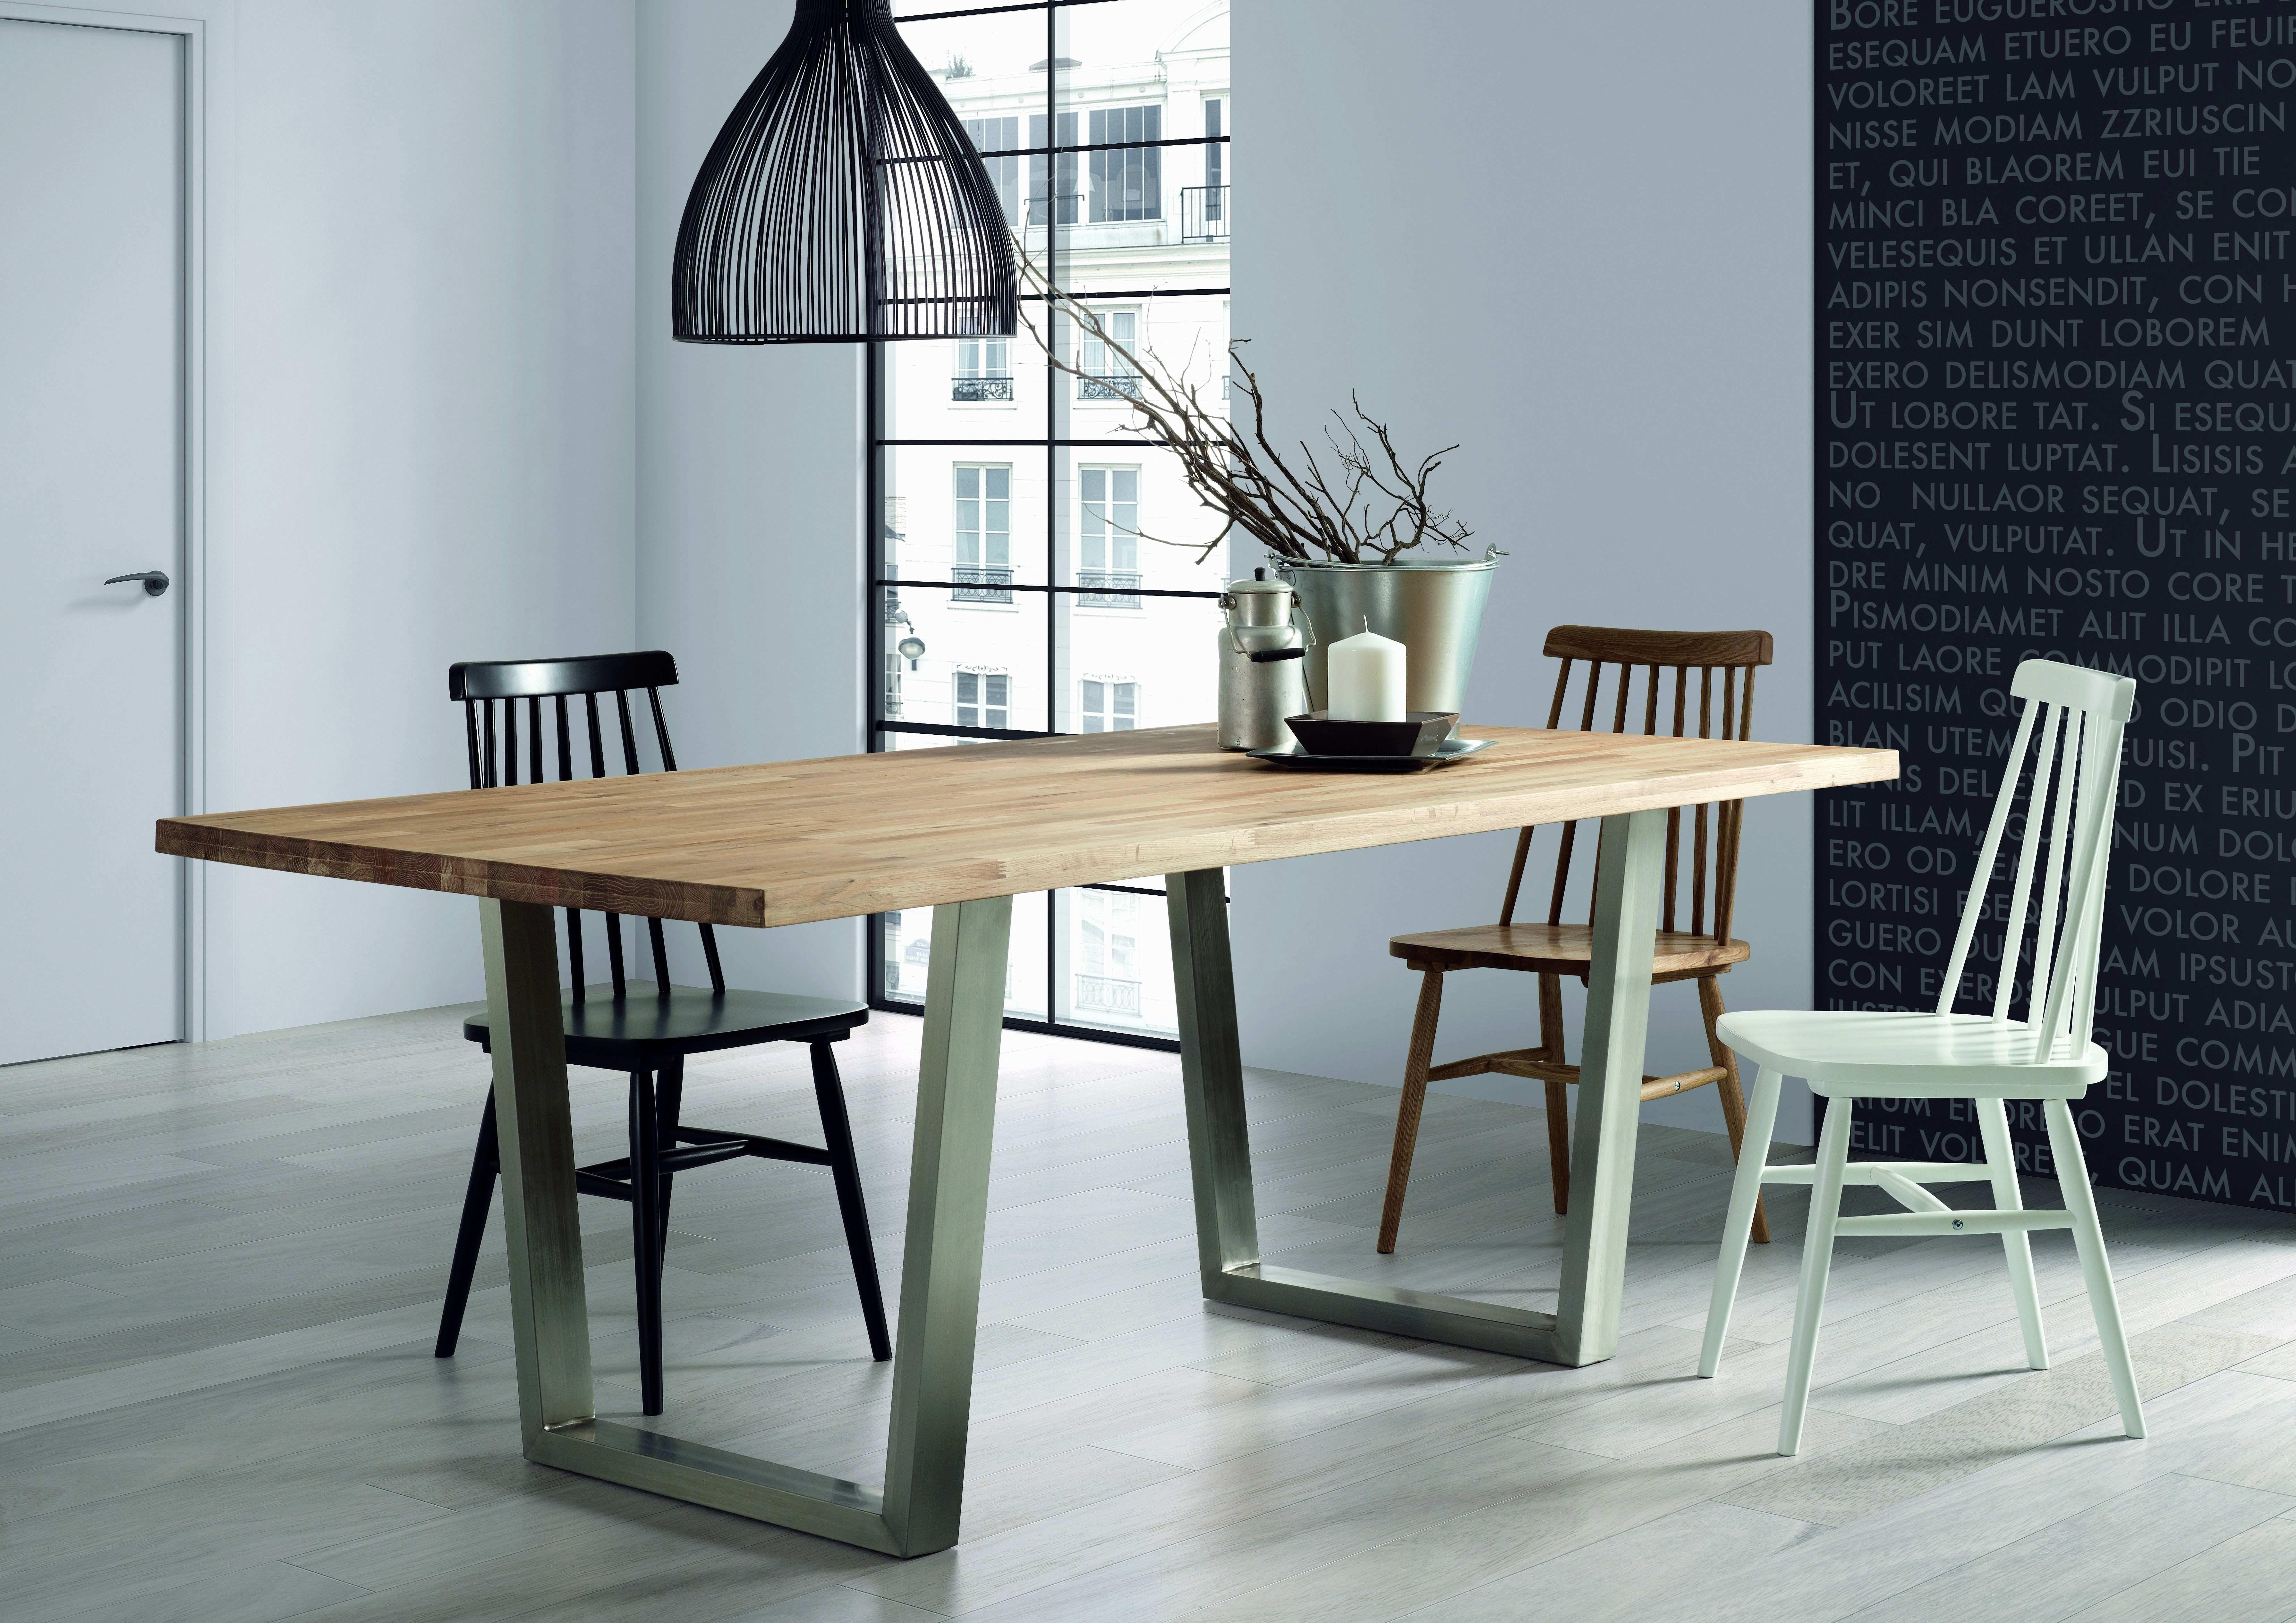 Mesure Lit 2 Places Magnifique Dimension Lit Ikea Luxe Tete De Lit Ikea 180 Fauteuil Salon Ikea